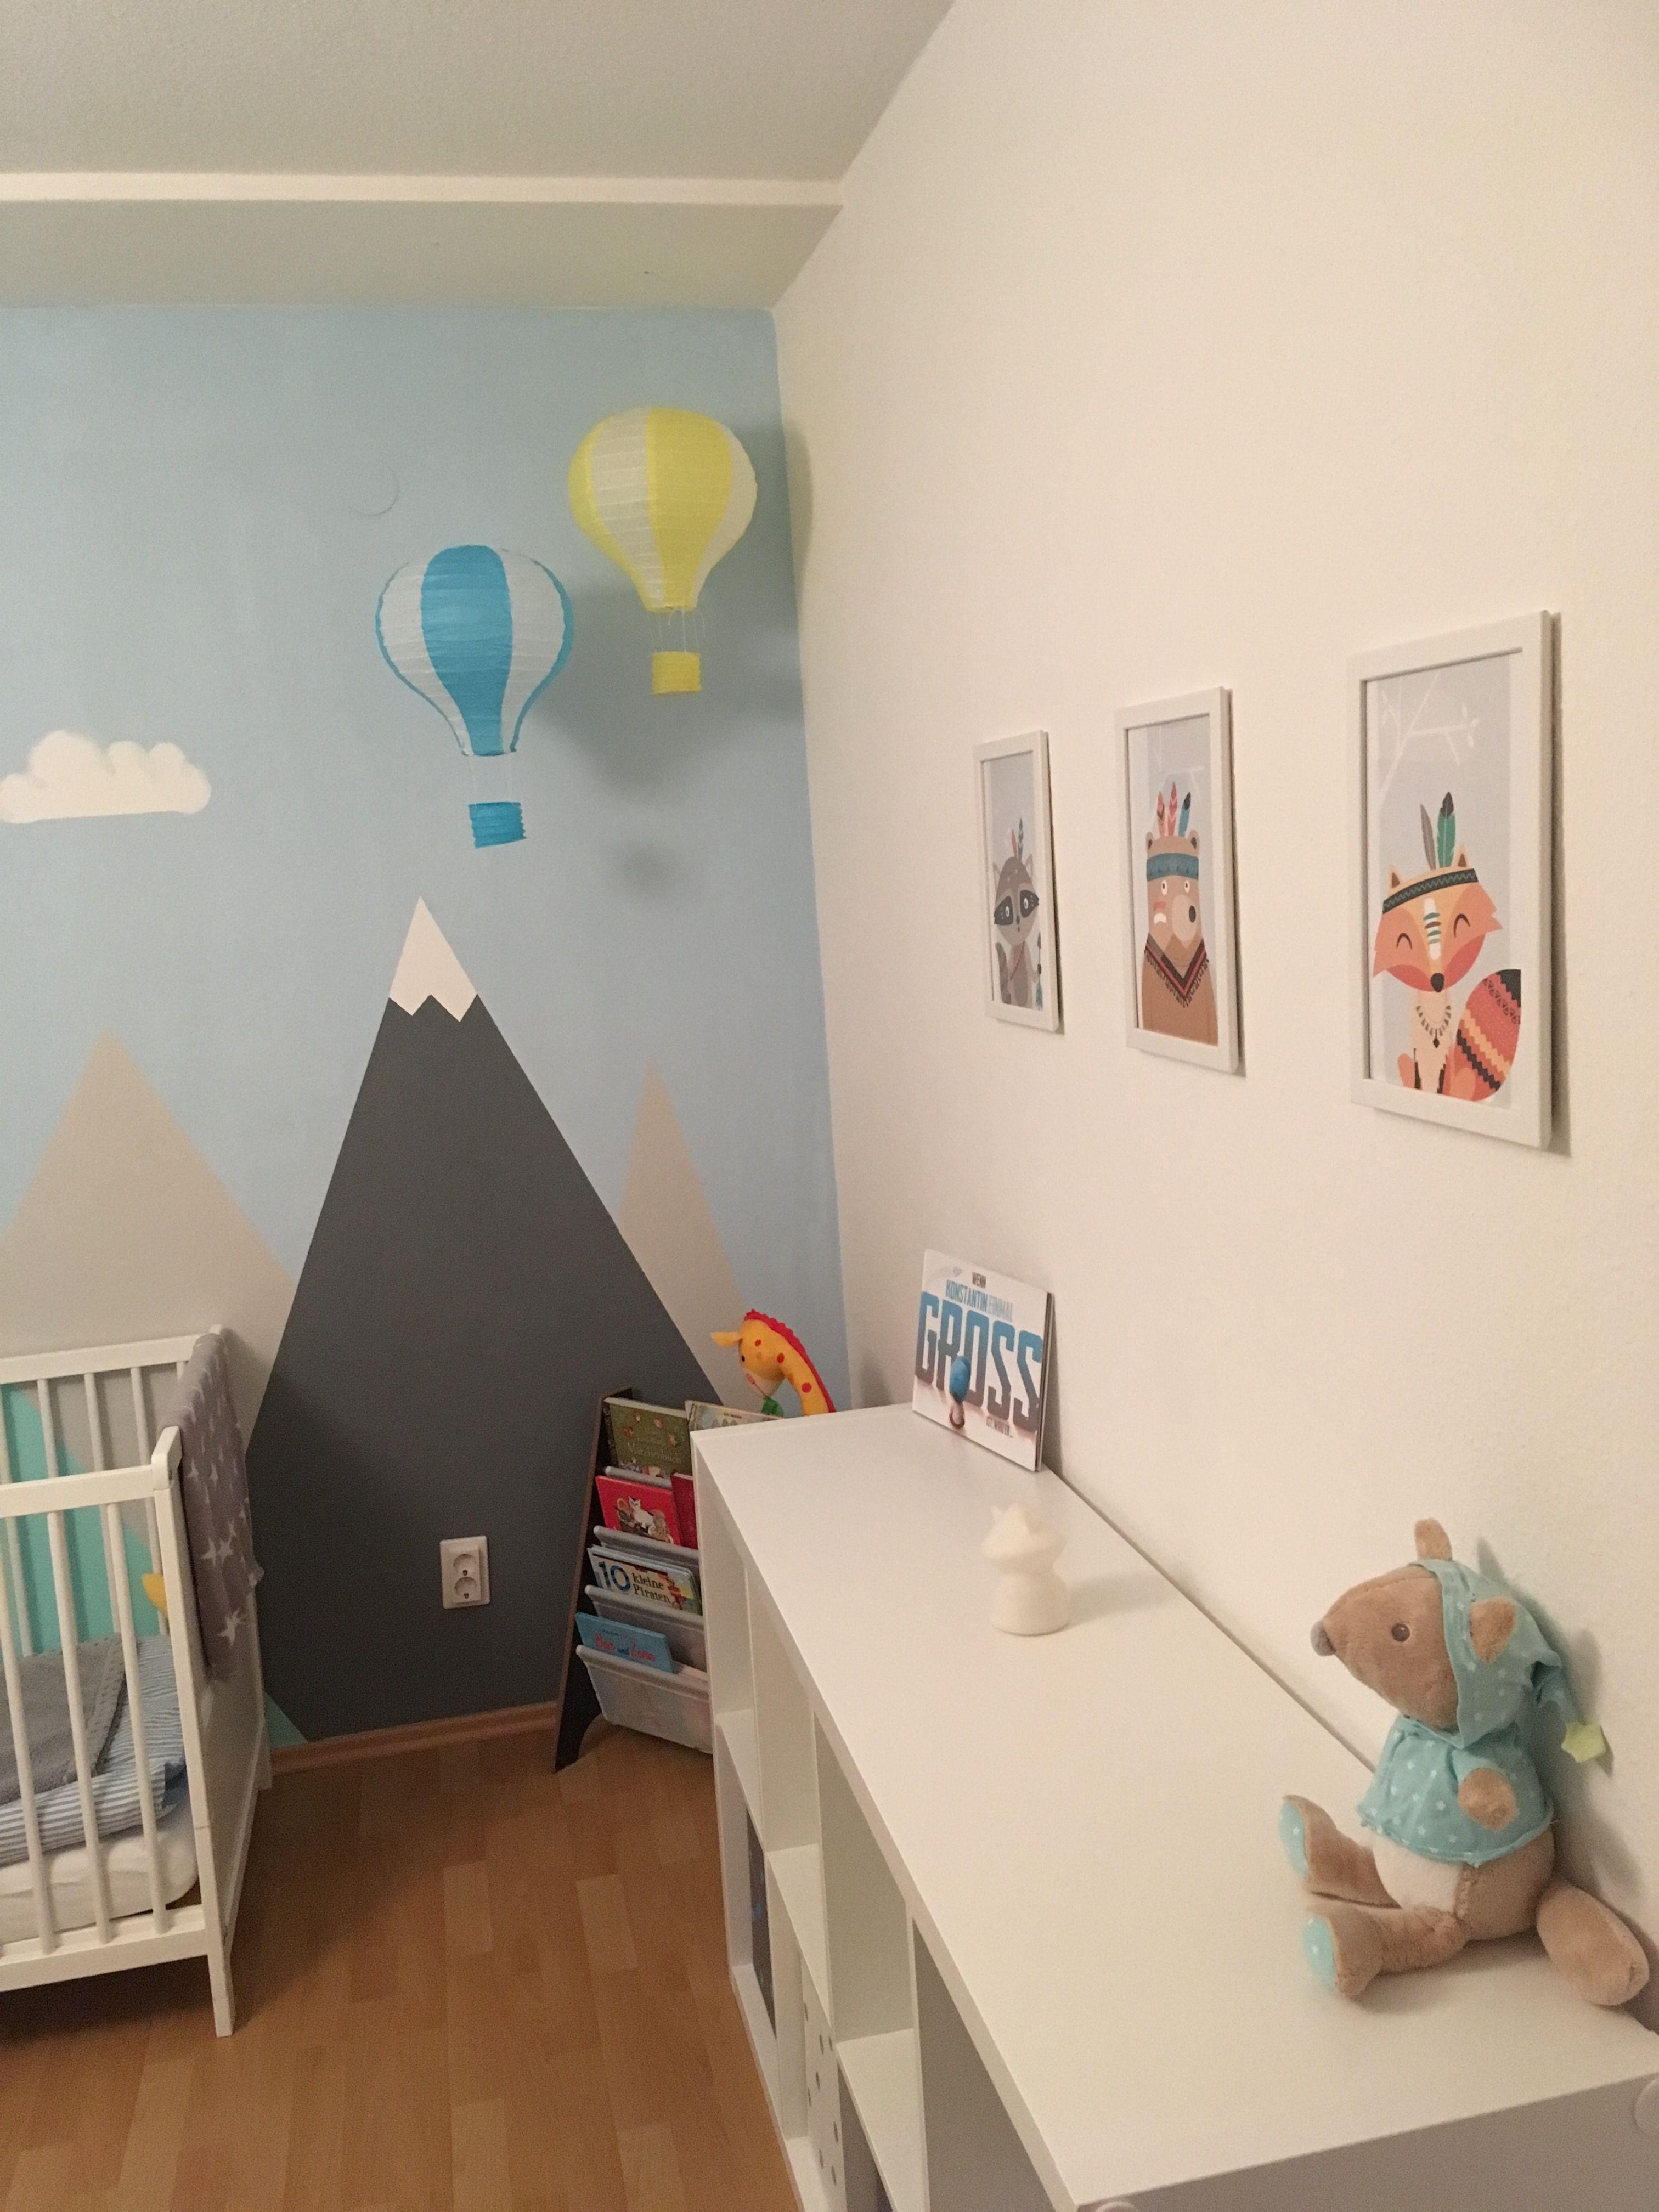 Kinderzimmer Junge Berge Mountains Heißluftballon Indianer Kinder Zimmer Kinderzimmer Junge Kinderzimmer